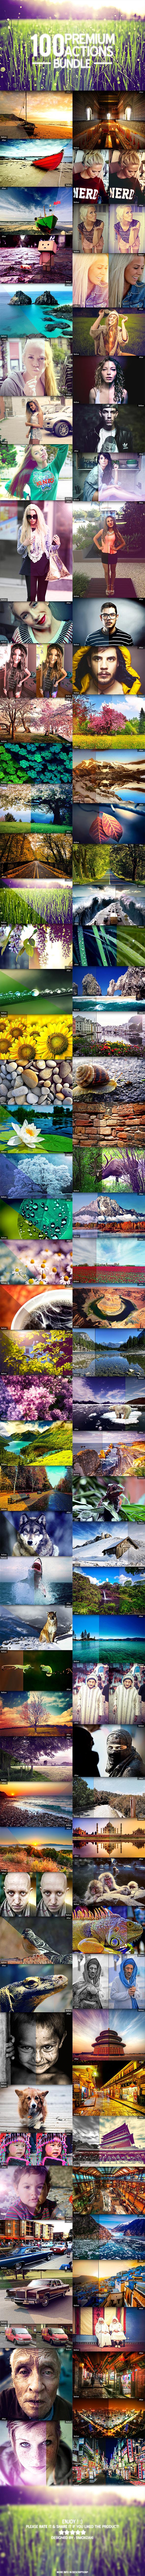 100 Premium Actions [ Bundle ] - Photo Effects Actions